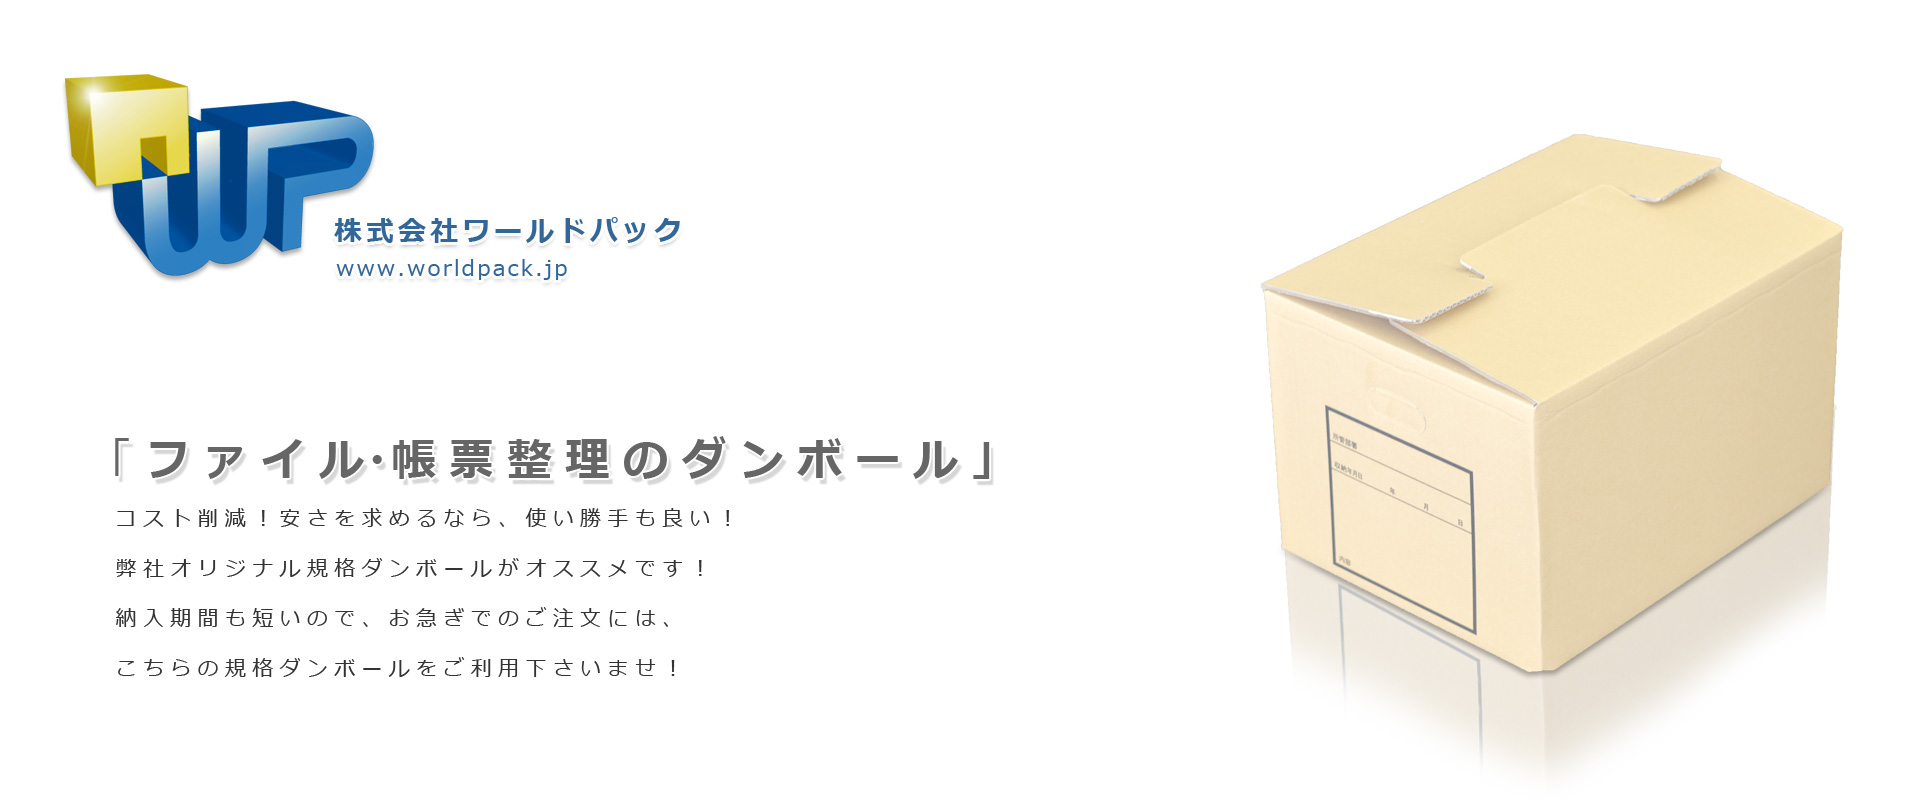 帳票整理やファイル整理にとっても便利な文書保存箱ダンボール 小ロット販売OK 株式会社ワールドパック 東京、神奈川、埼玉、千葉、茨城、群馬、栃木